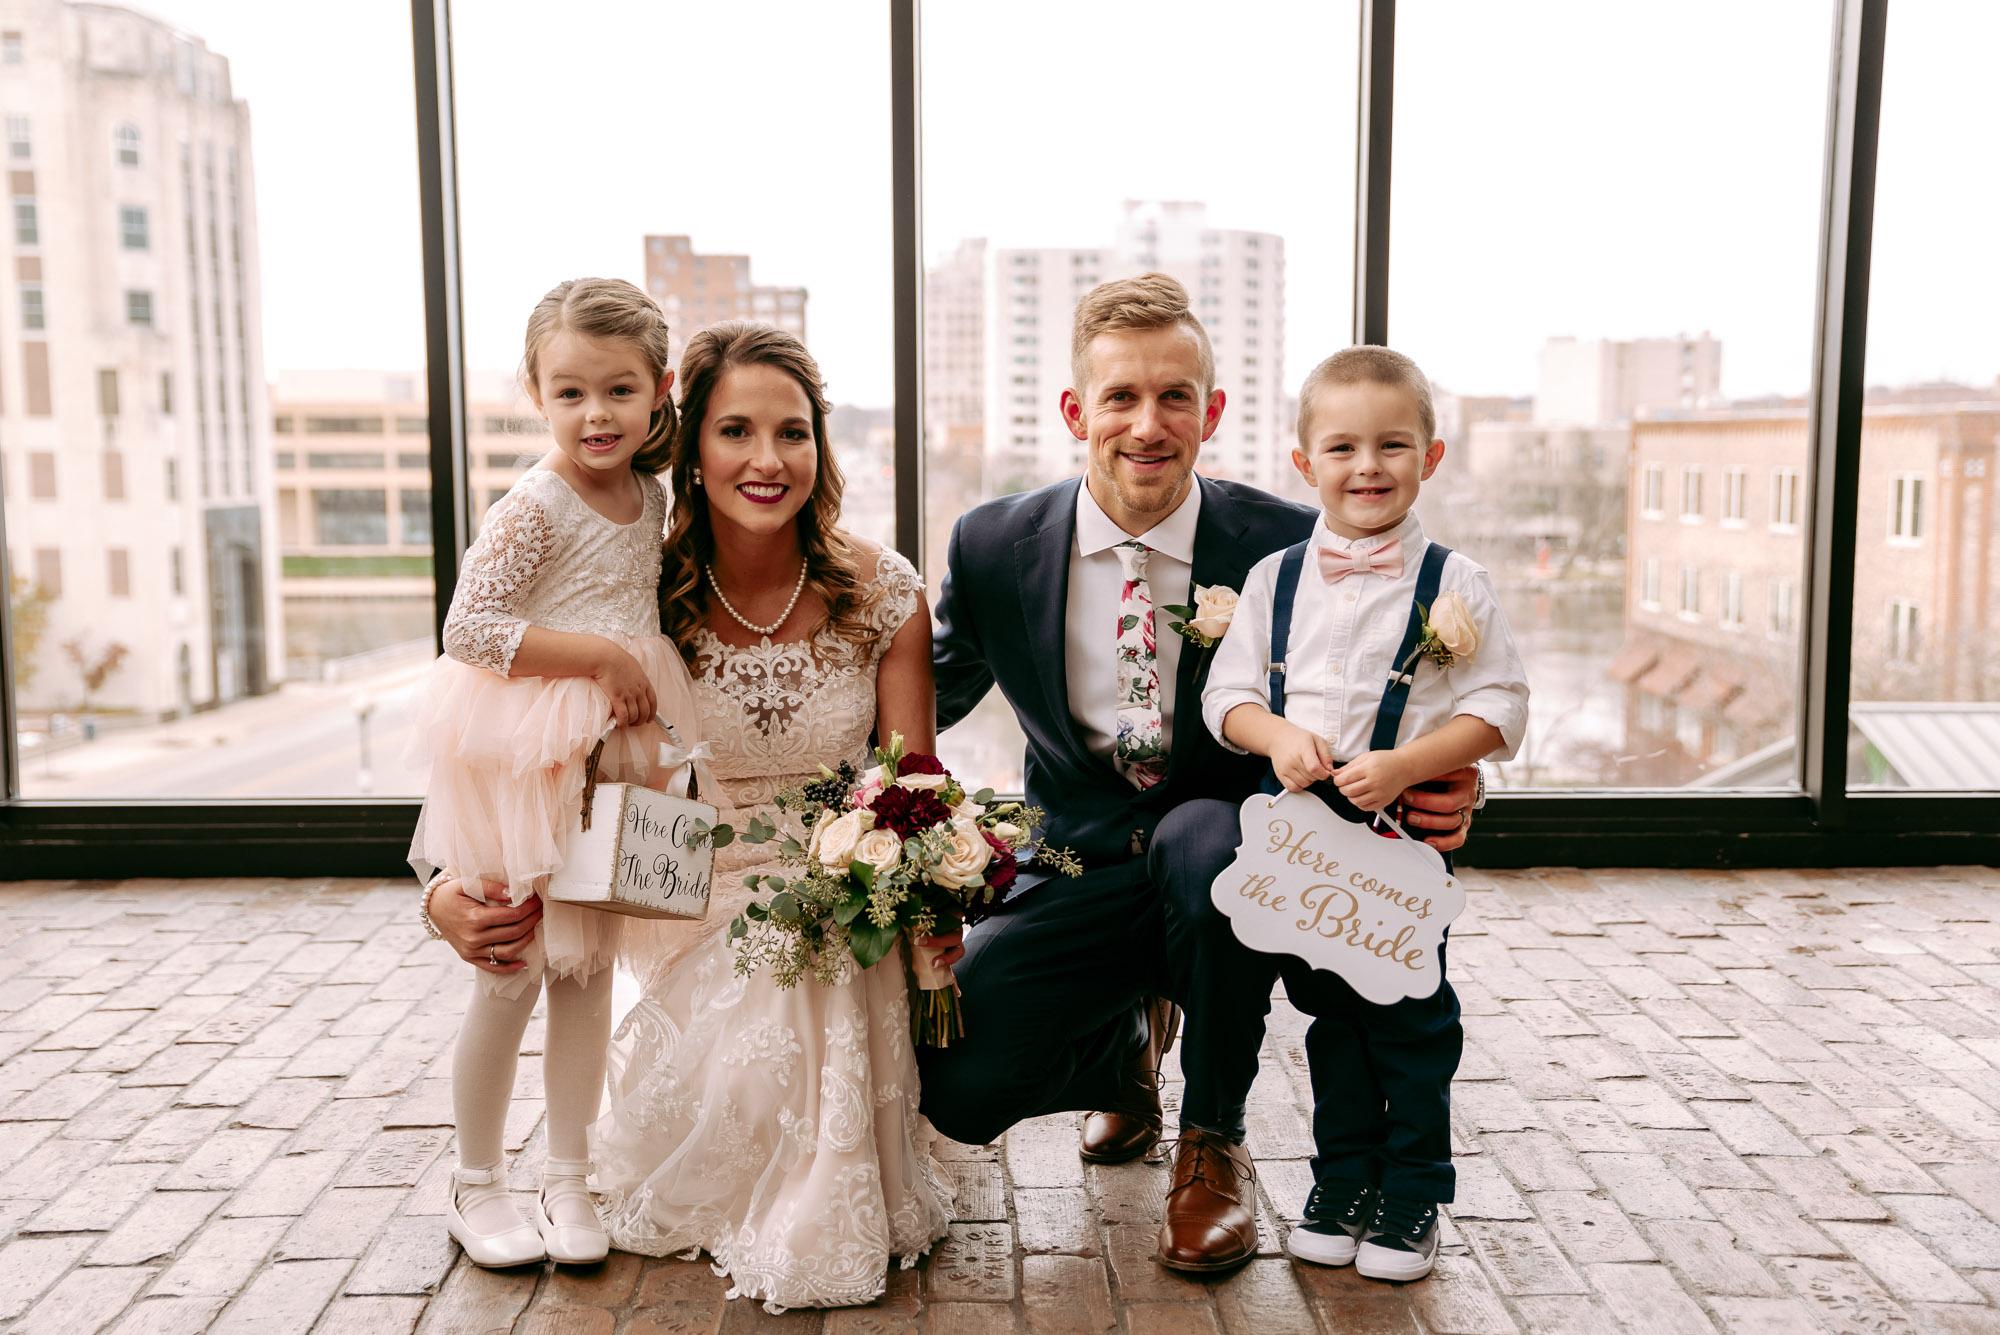 the-standard-rockford-il-wedding-photos-170.jpg